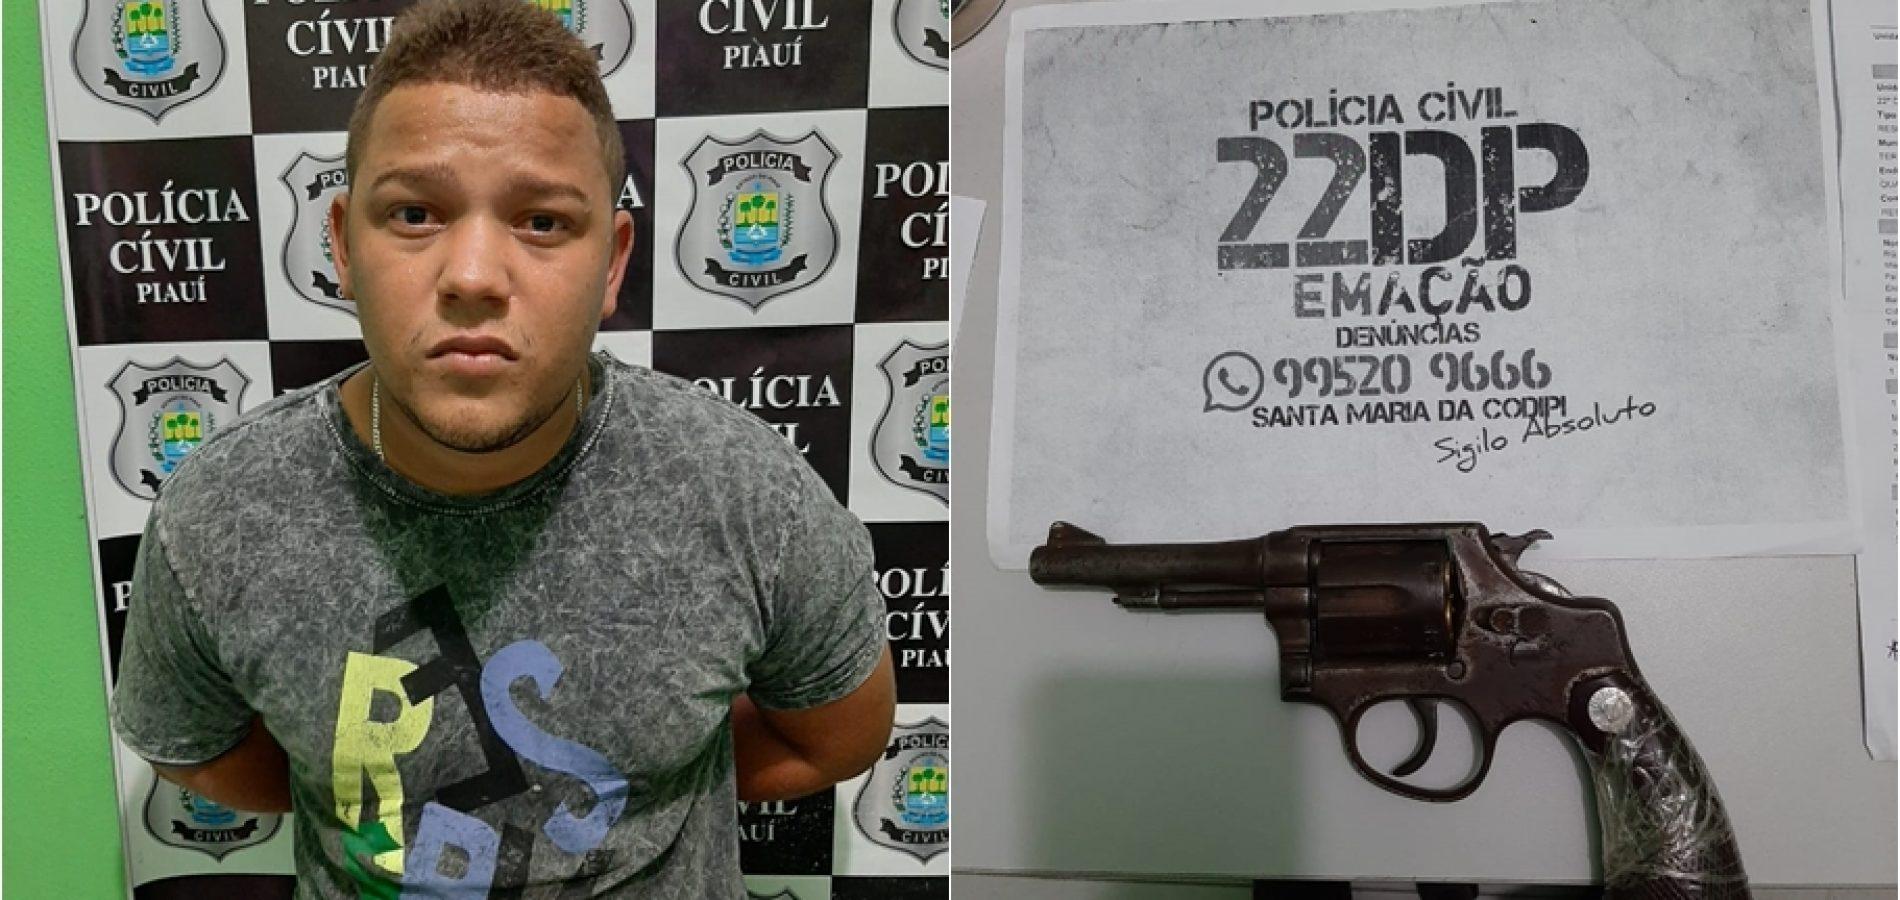 Suspeito tenta atirar contra policiais e é baleado em Teresina